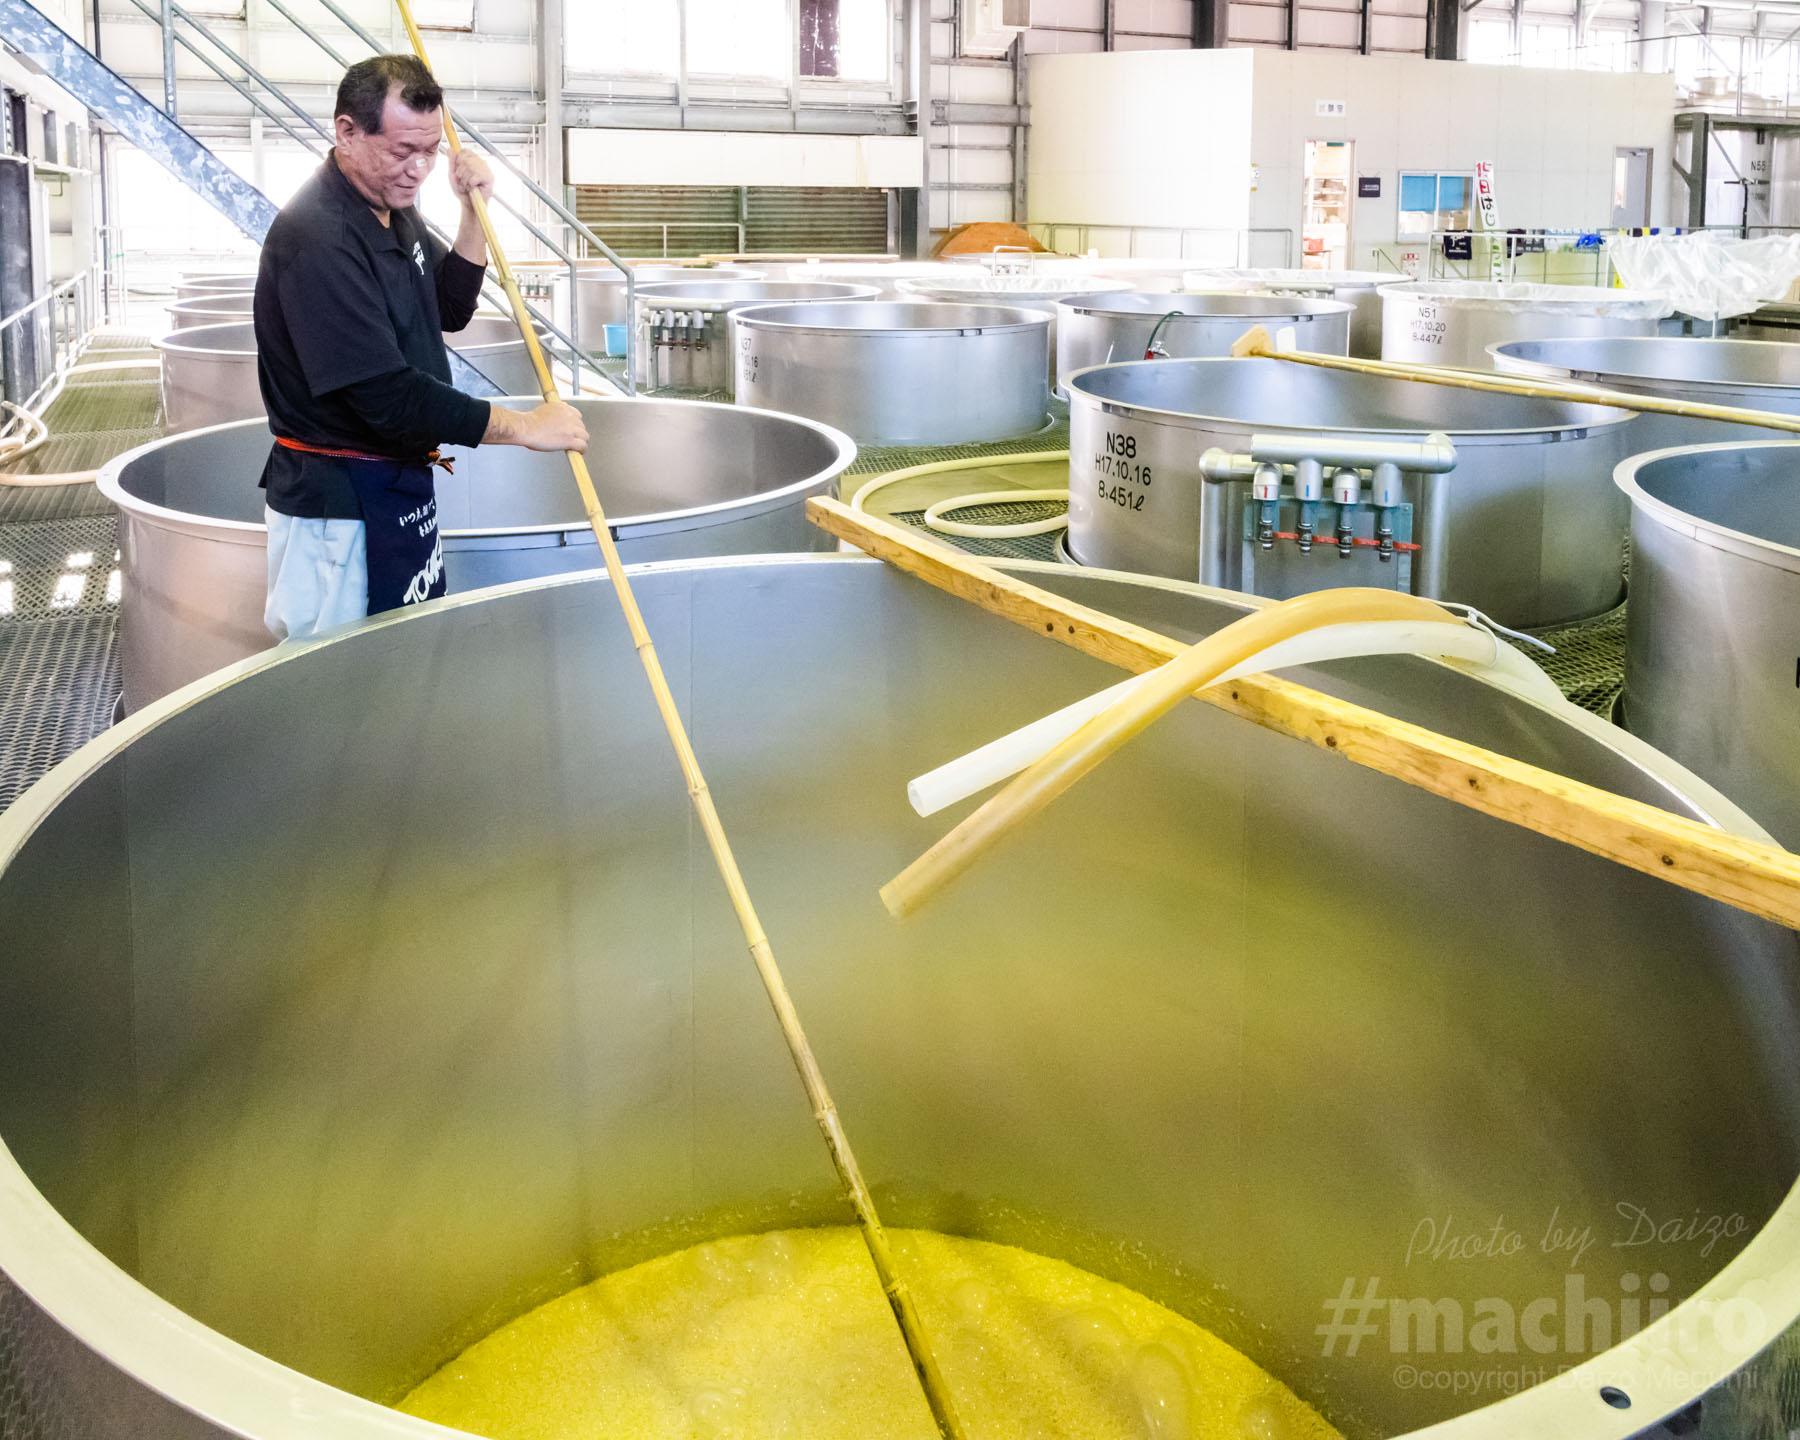 奄美大島酒造 黒糖焼酎製造写真 マチイロ撮影